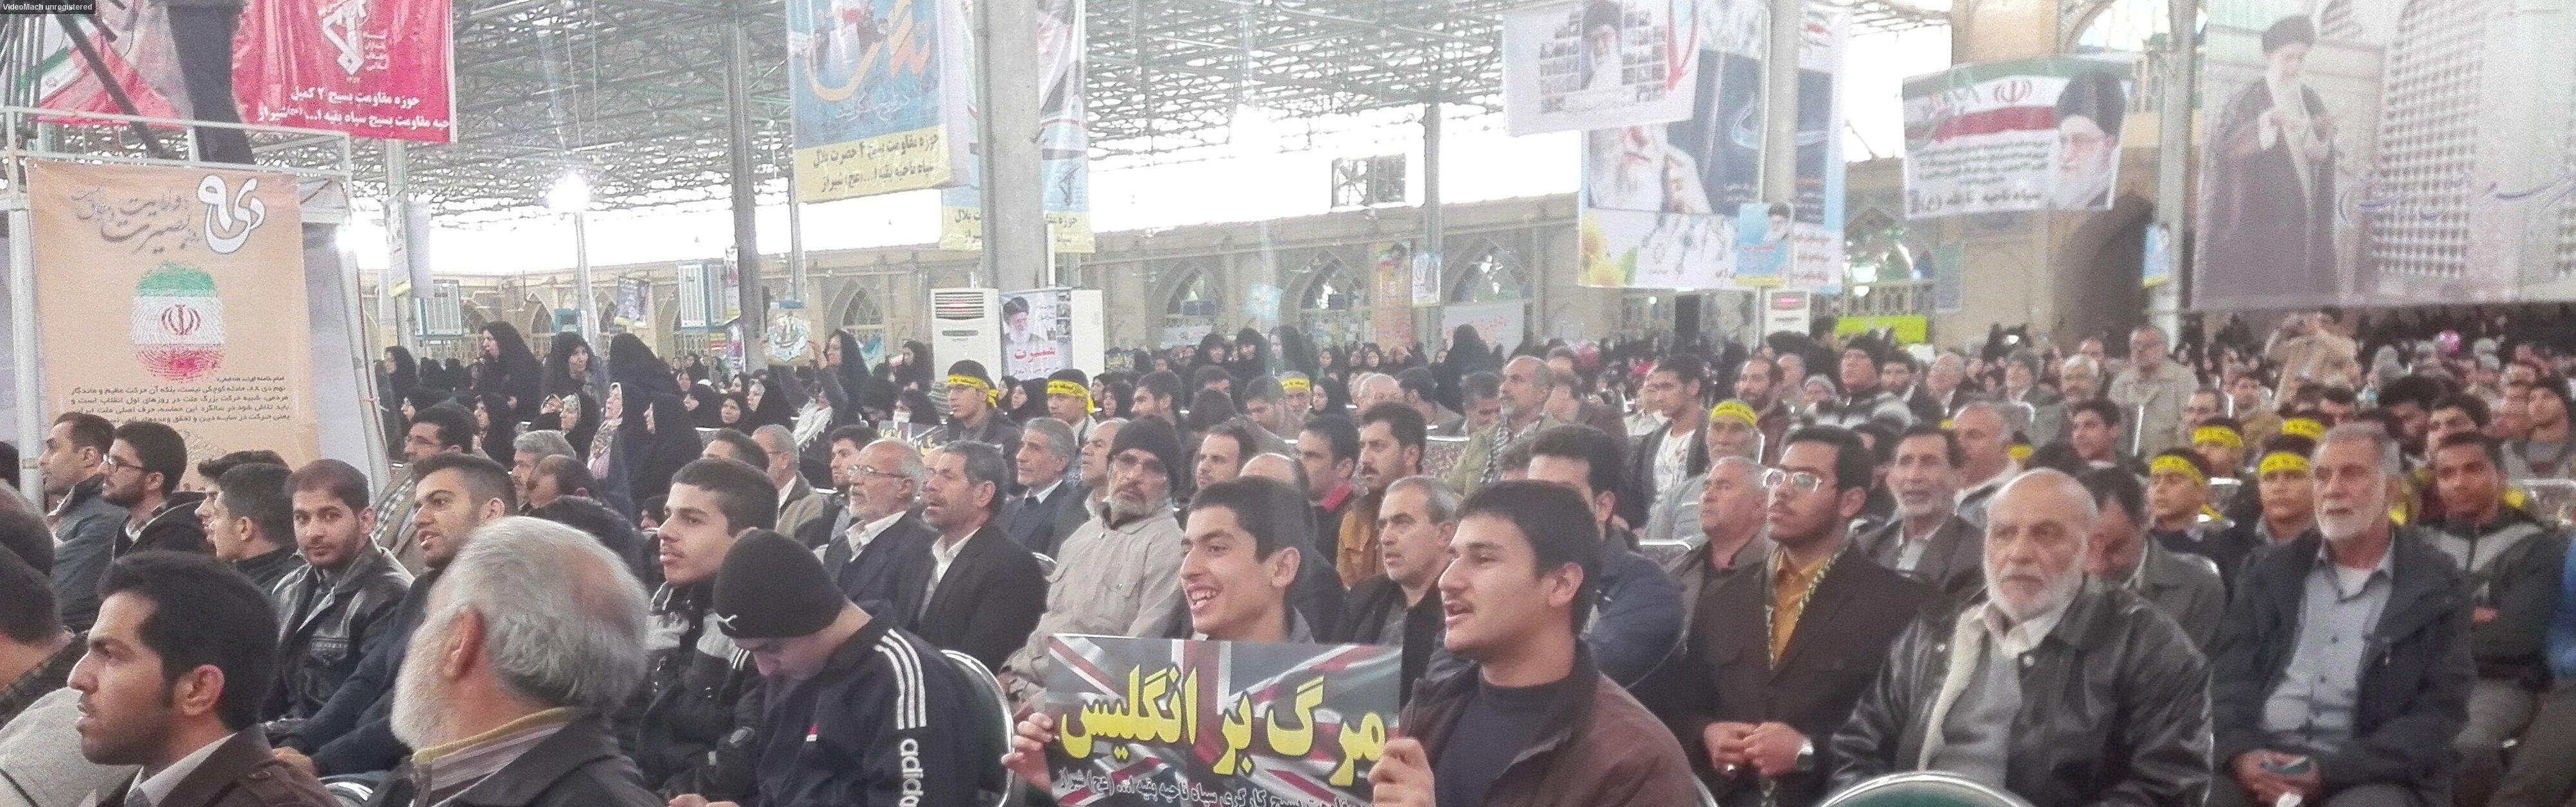 حضور دانش آموزان دبیرستان شاهد سید احمد خمینی(ره) در تجمع 9 دی